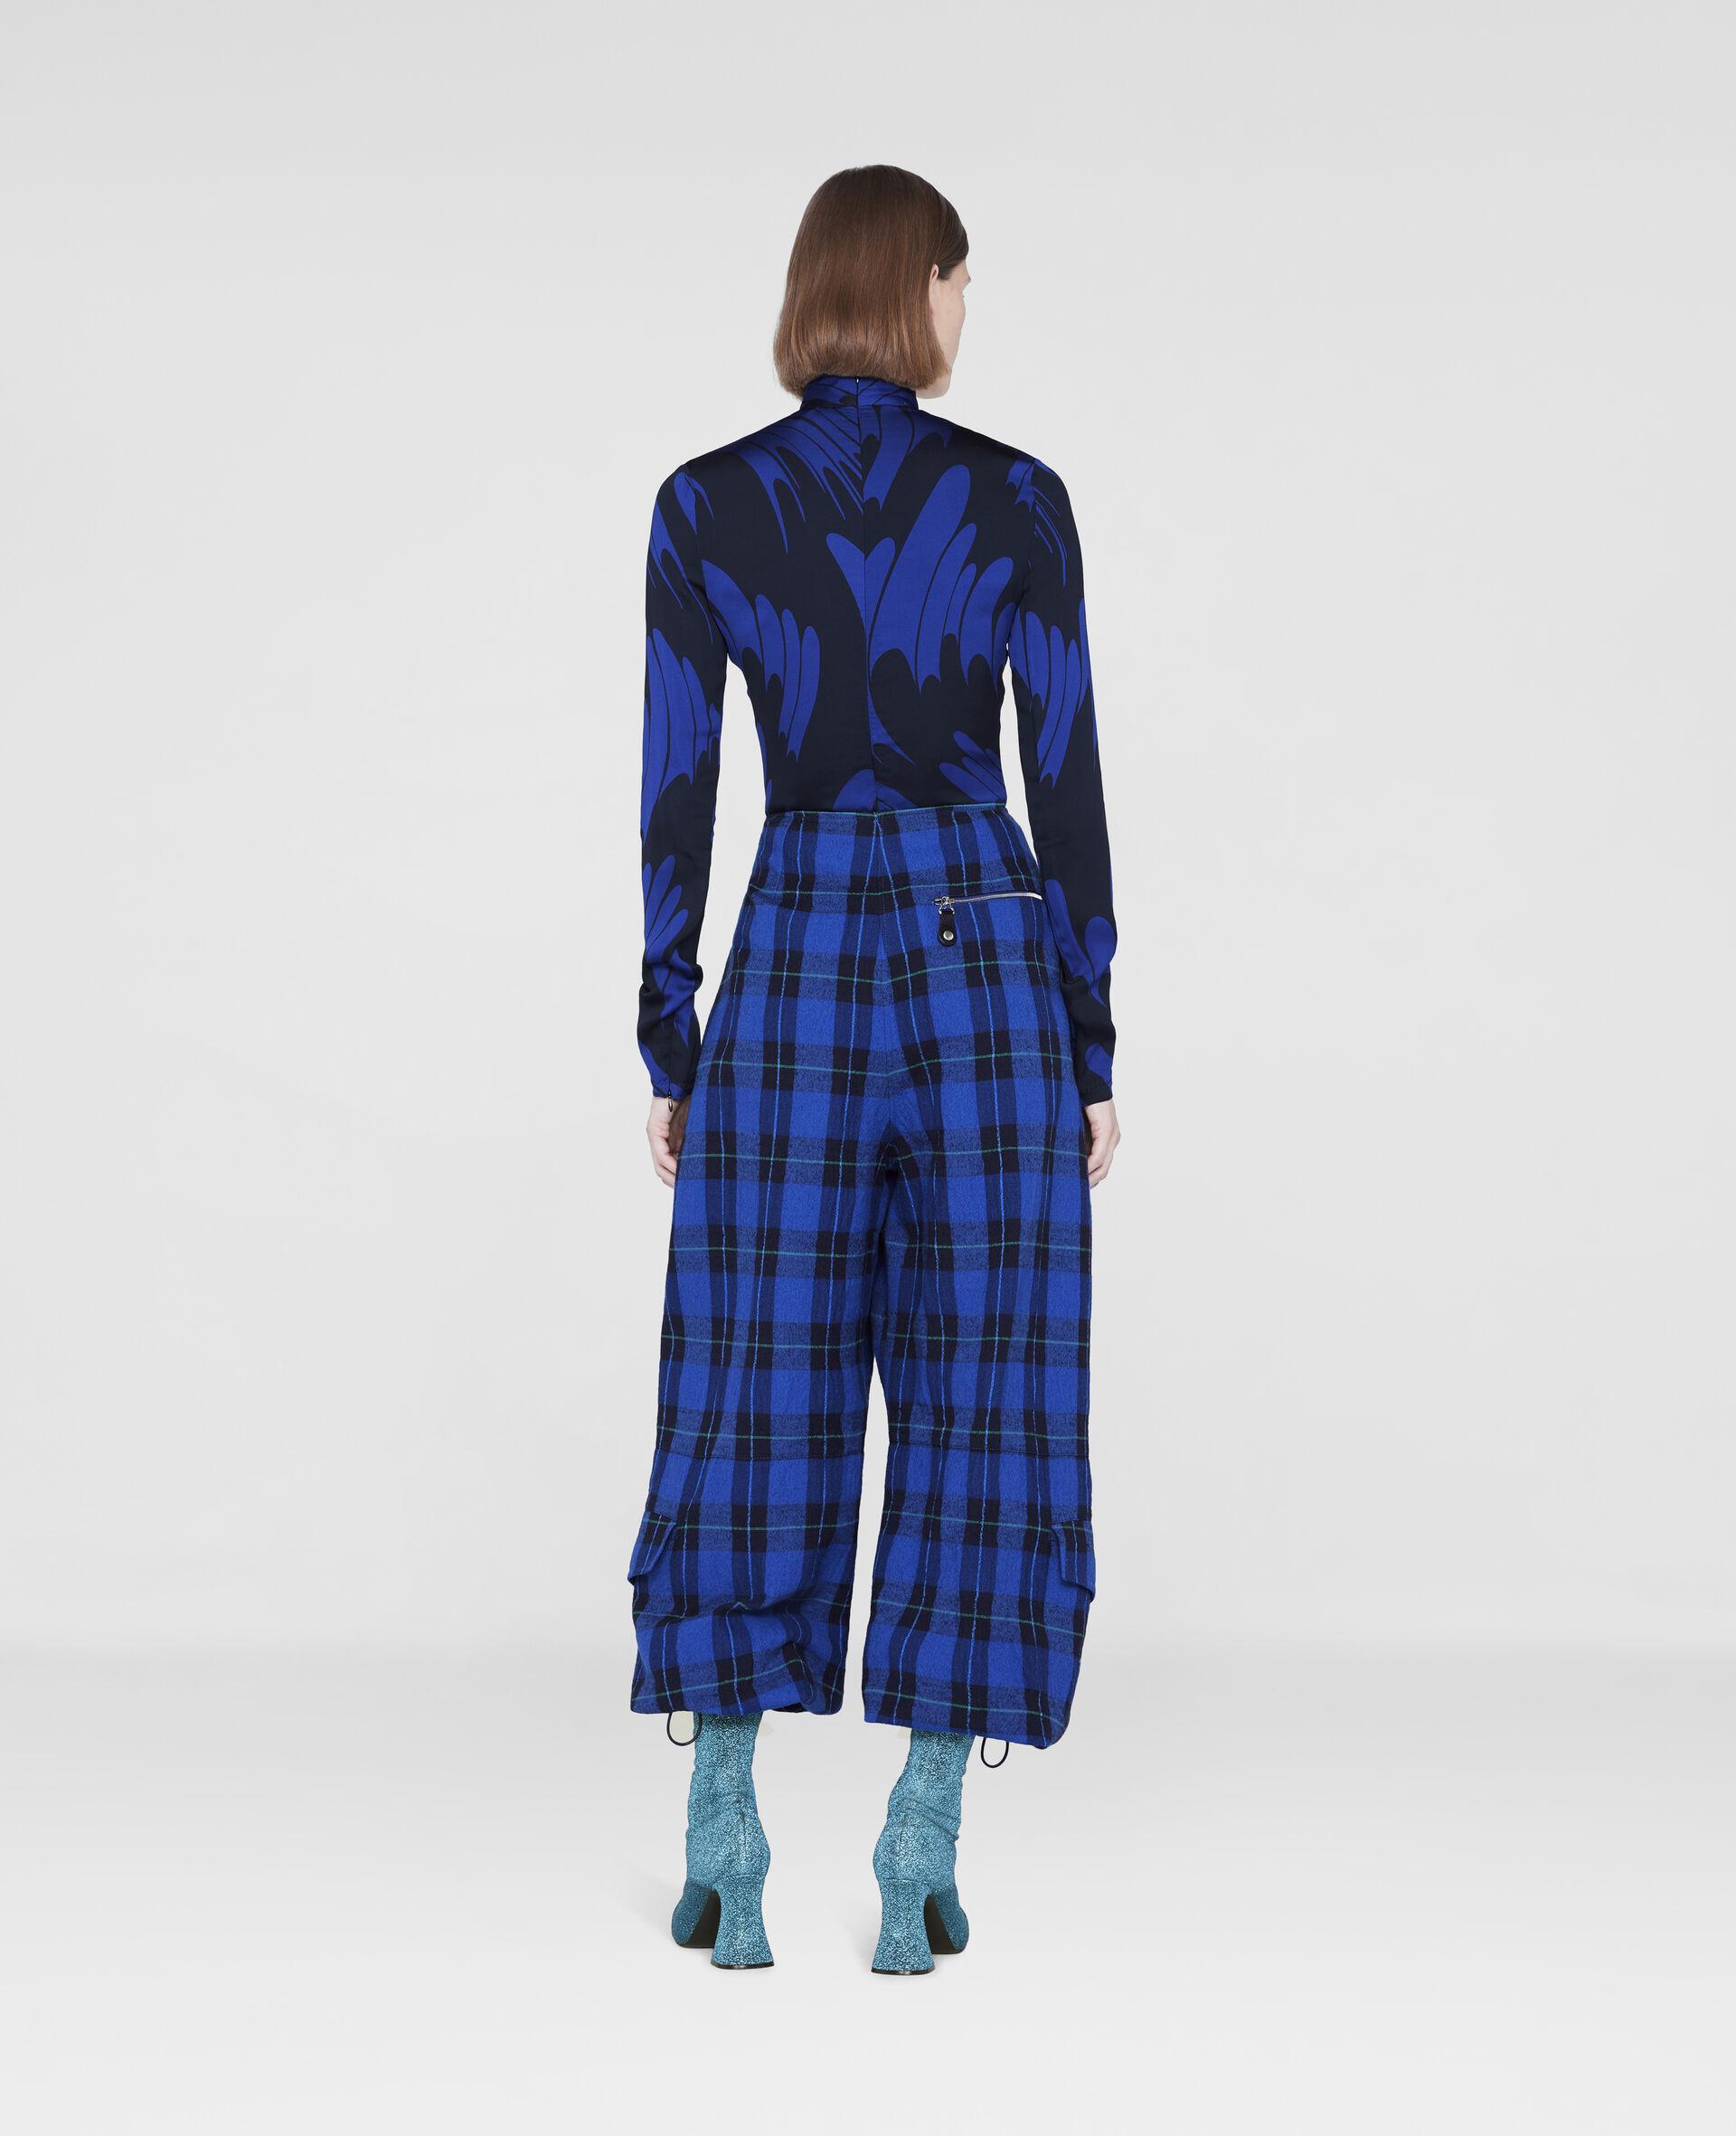 Pantaloni Nella-Fantasia-large image number 2